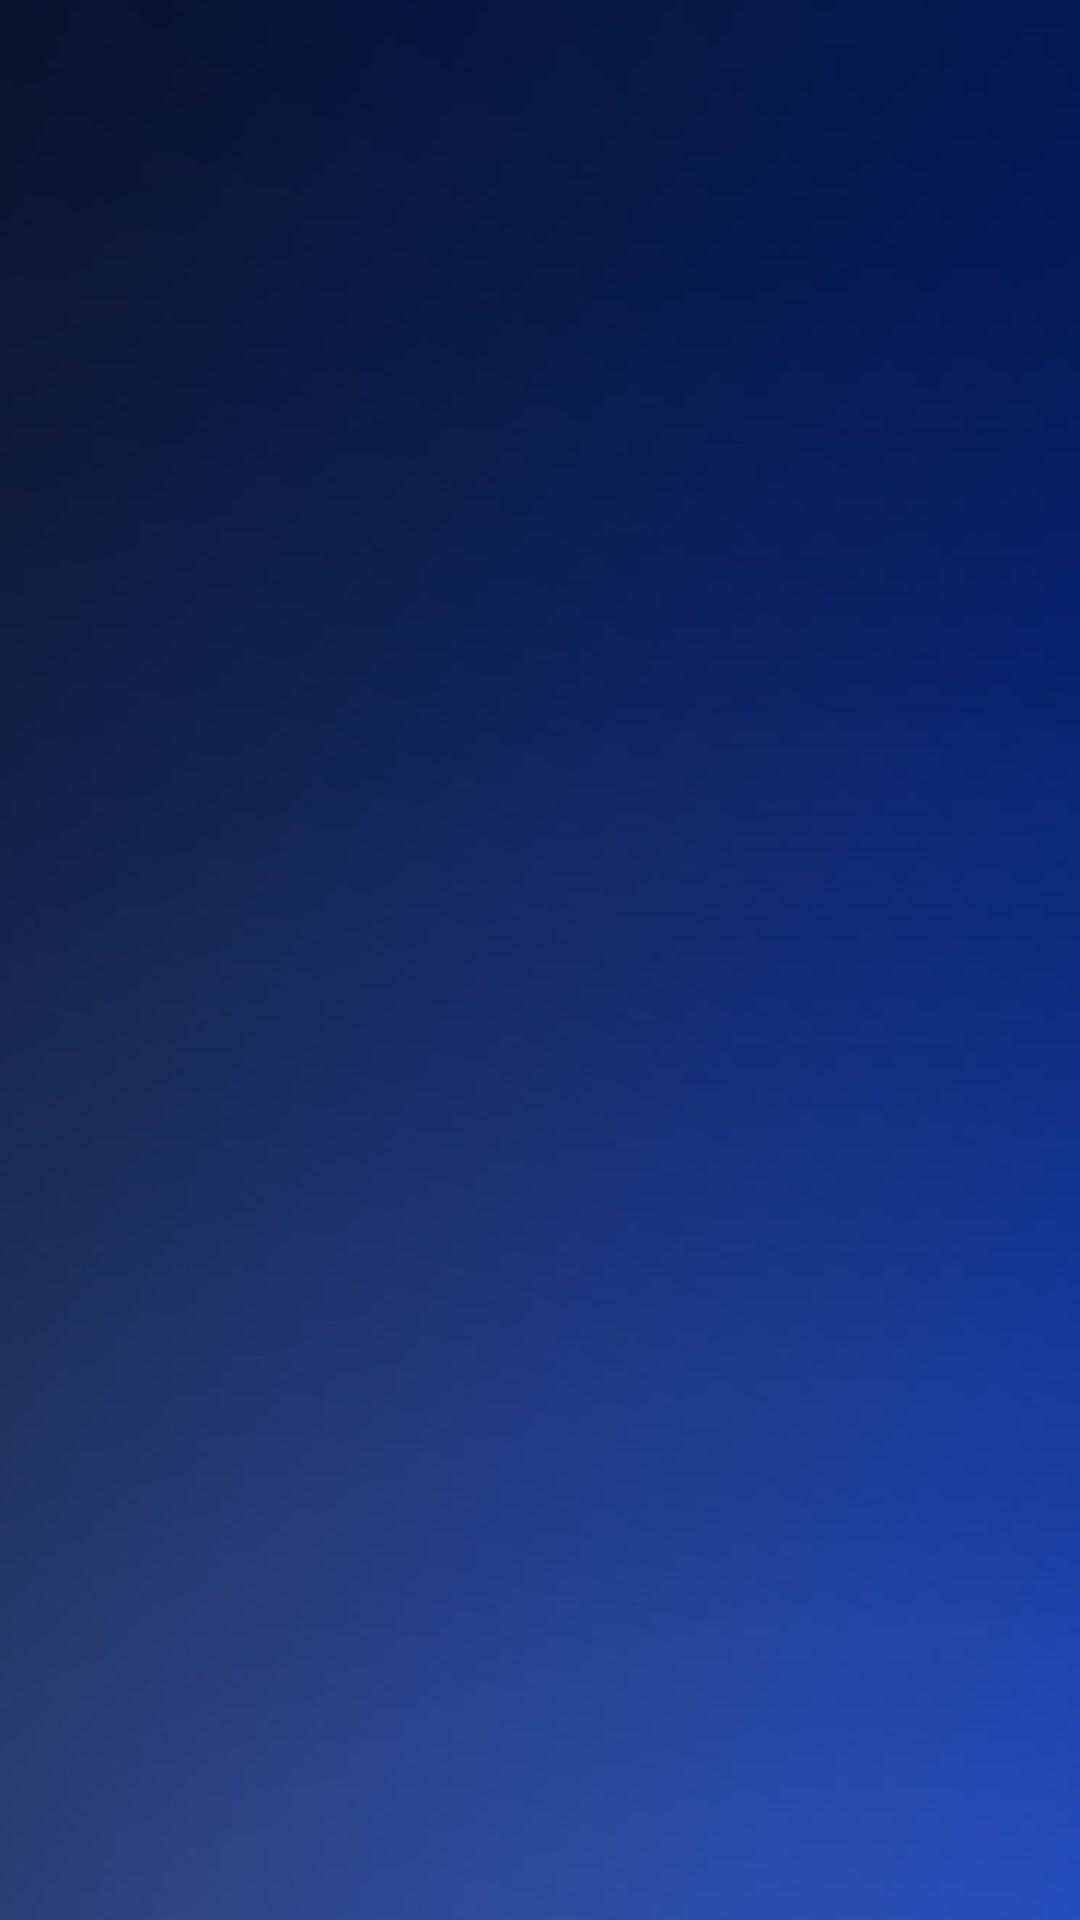 Medium Of Navy Blue Wallpaper